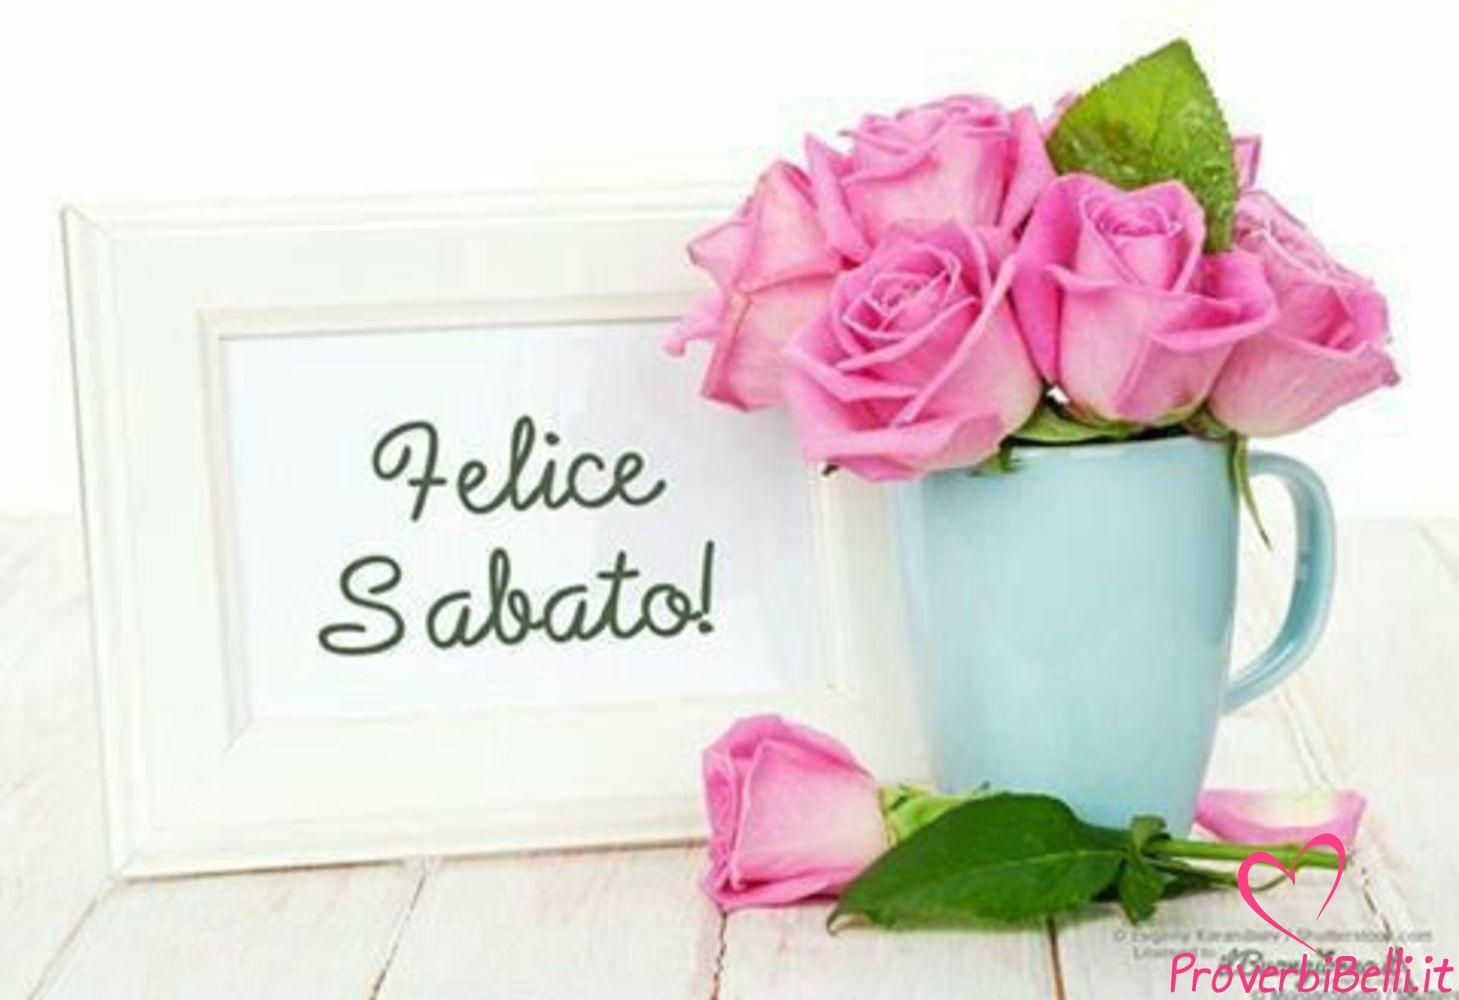 Belle-Immagini-Buongiorno-Sabato-Facebook-Whatsapp-238